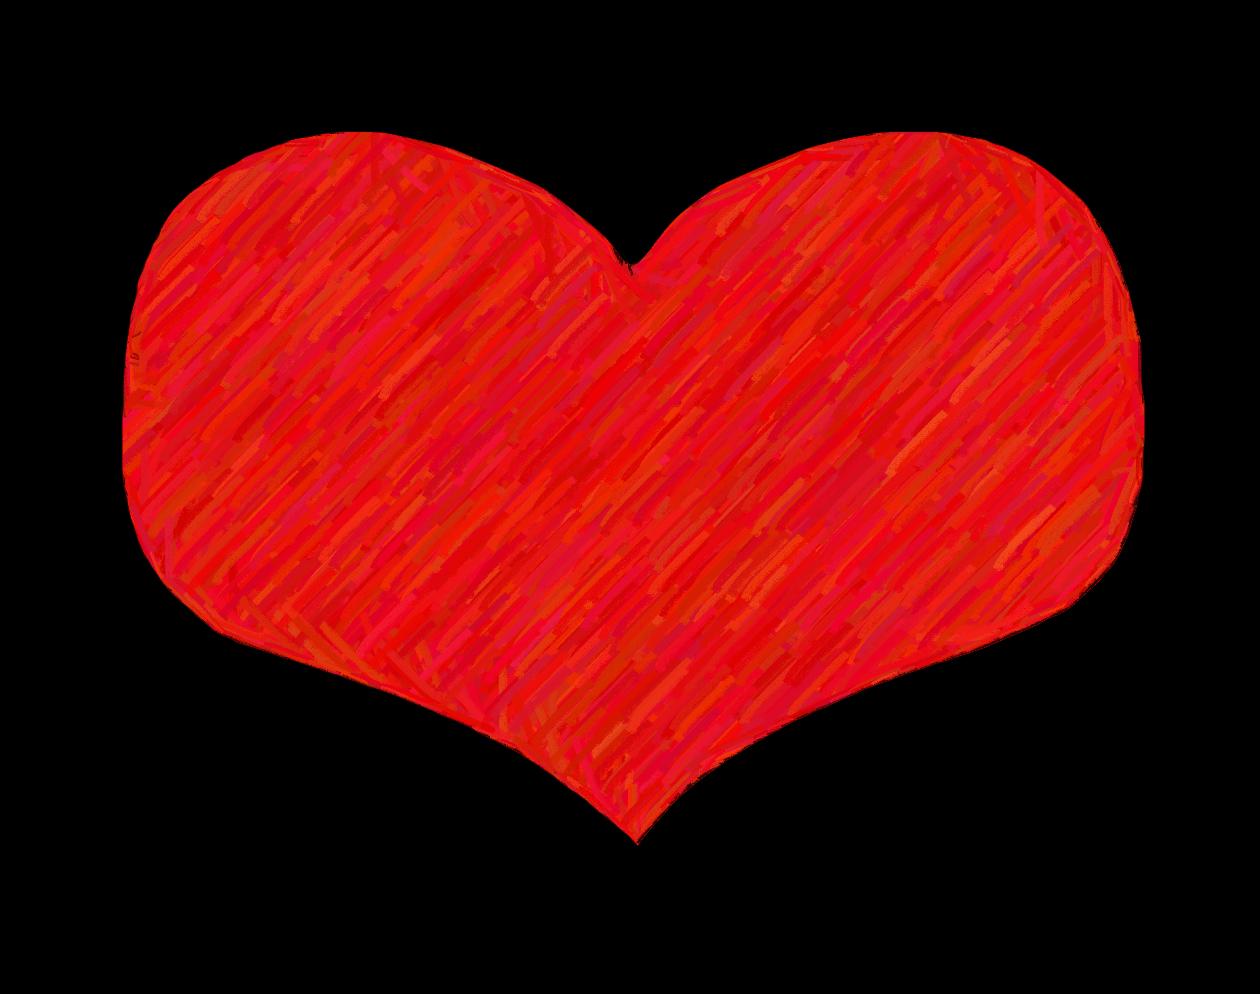 1260x994 Heart Clip Art Heart Images 2